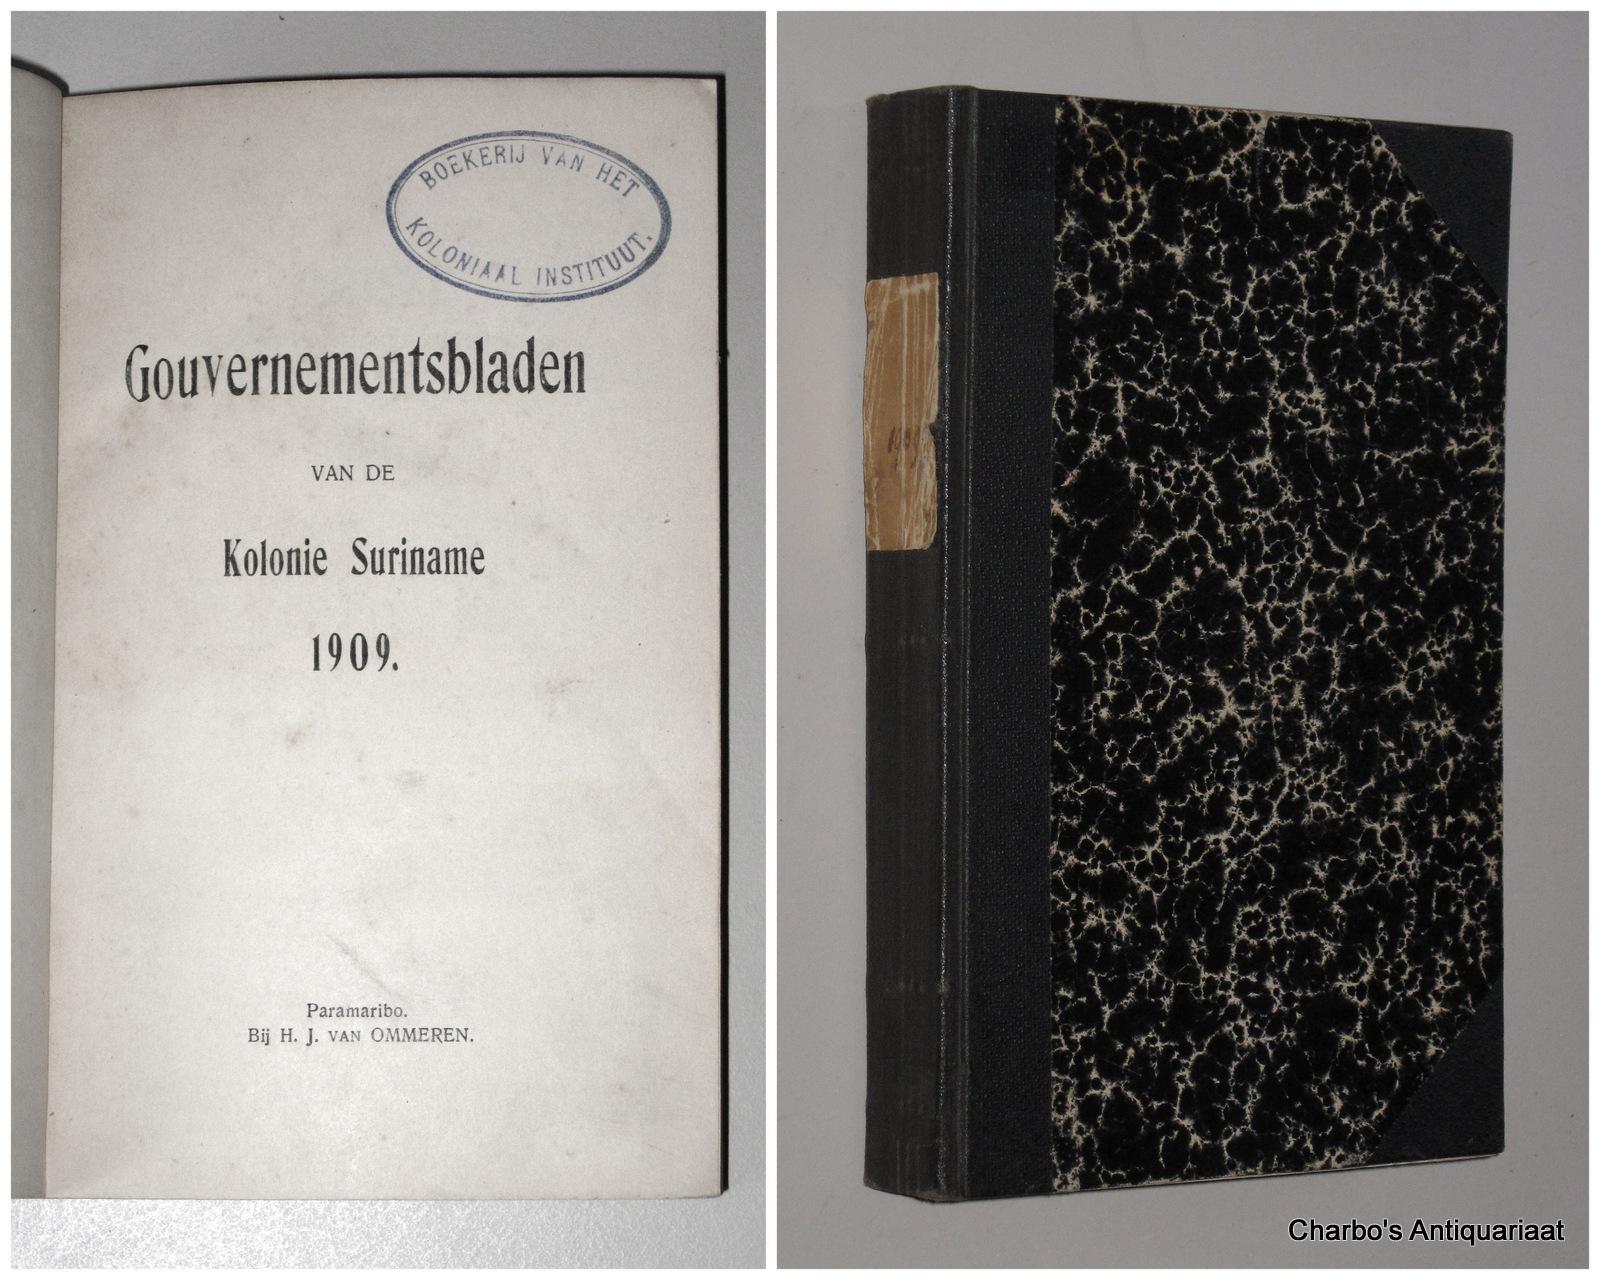 SURINAME. -  Gouvernementsblad van de Kolonie Suriname 1909.